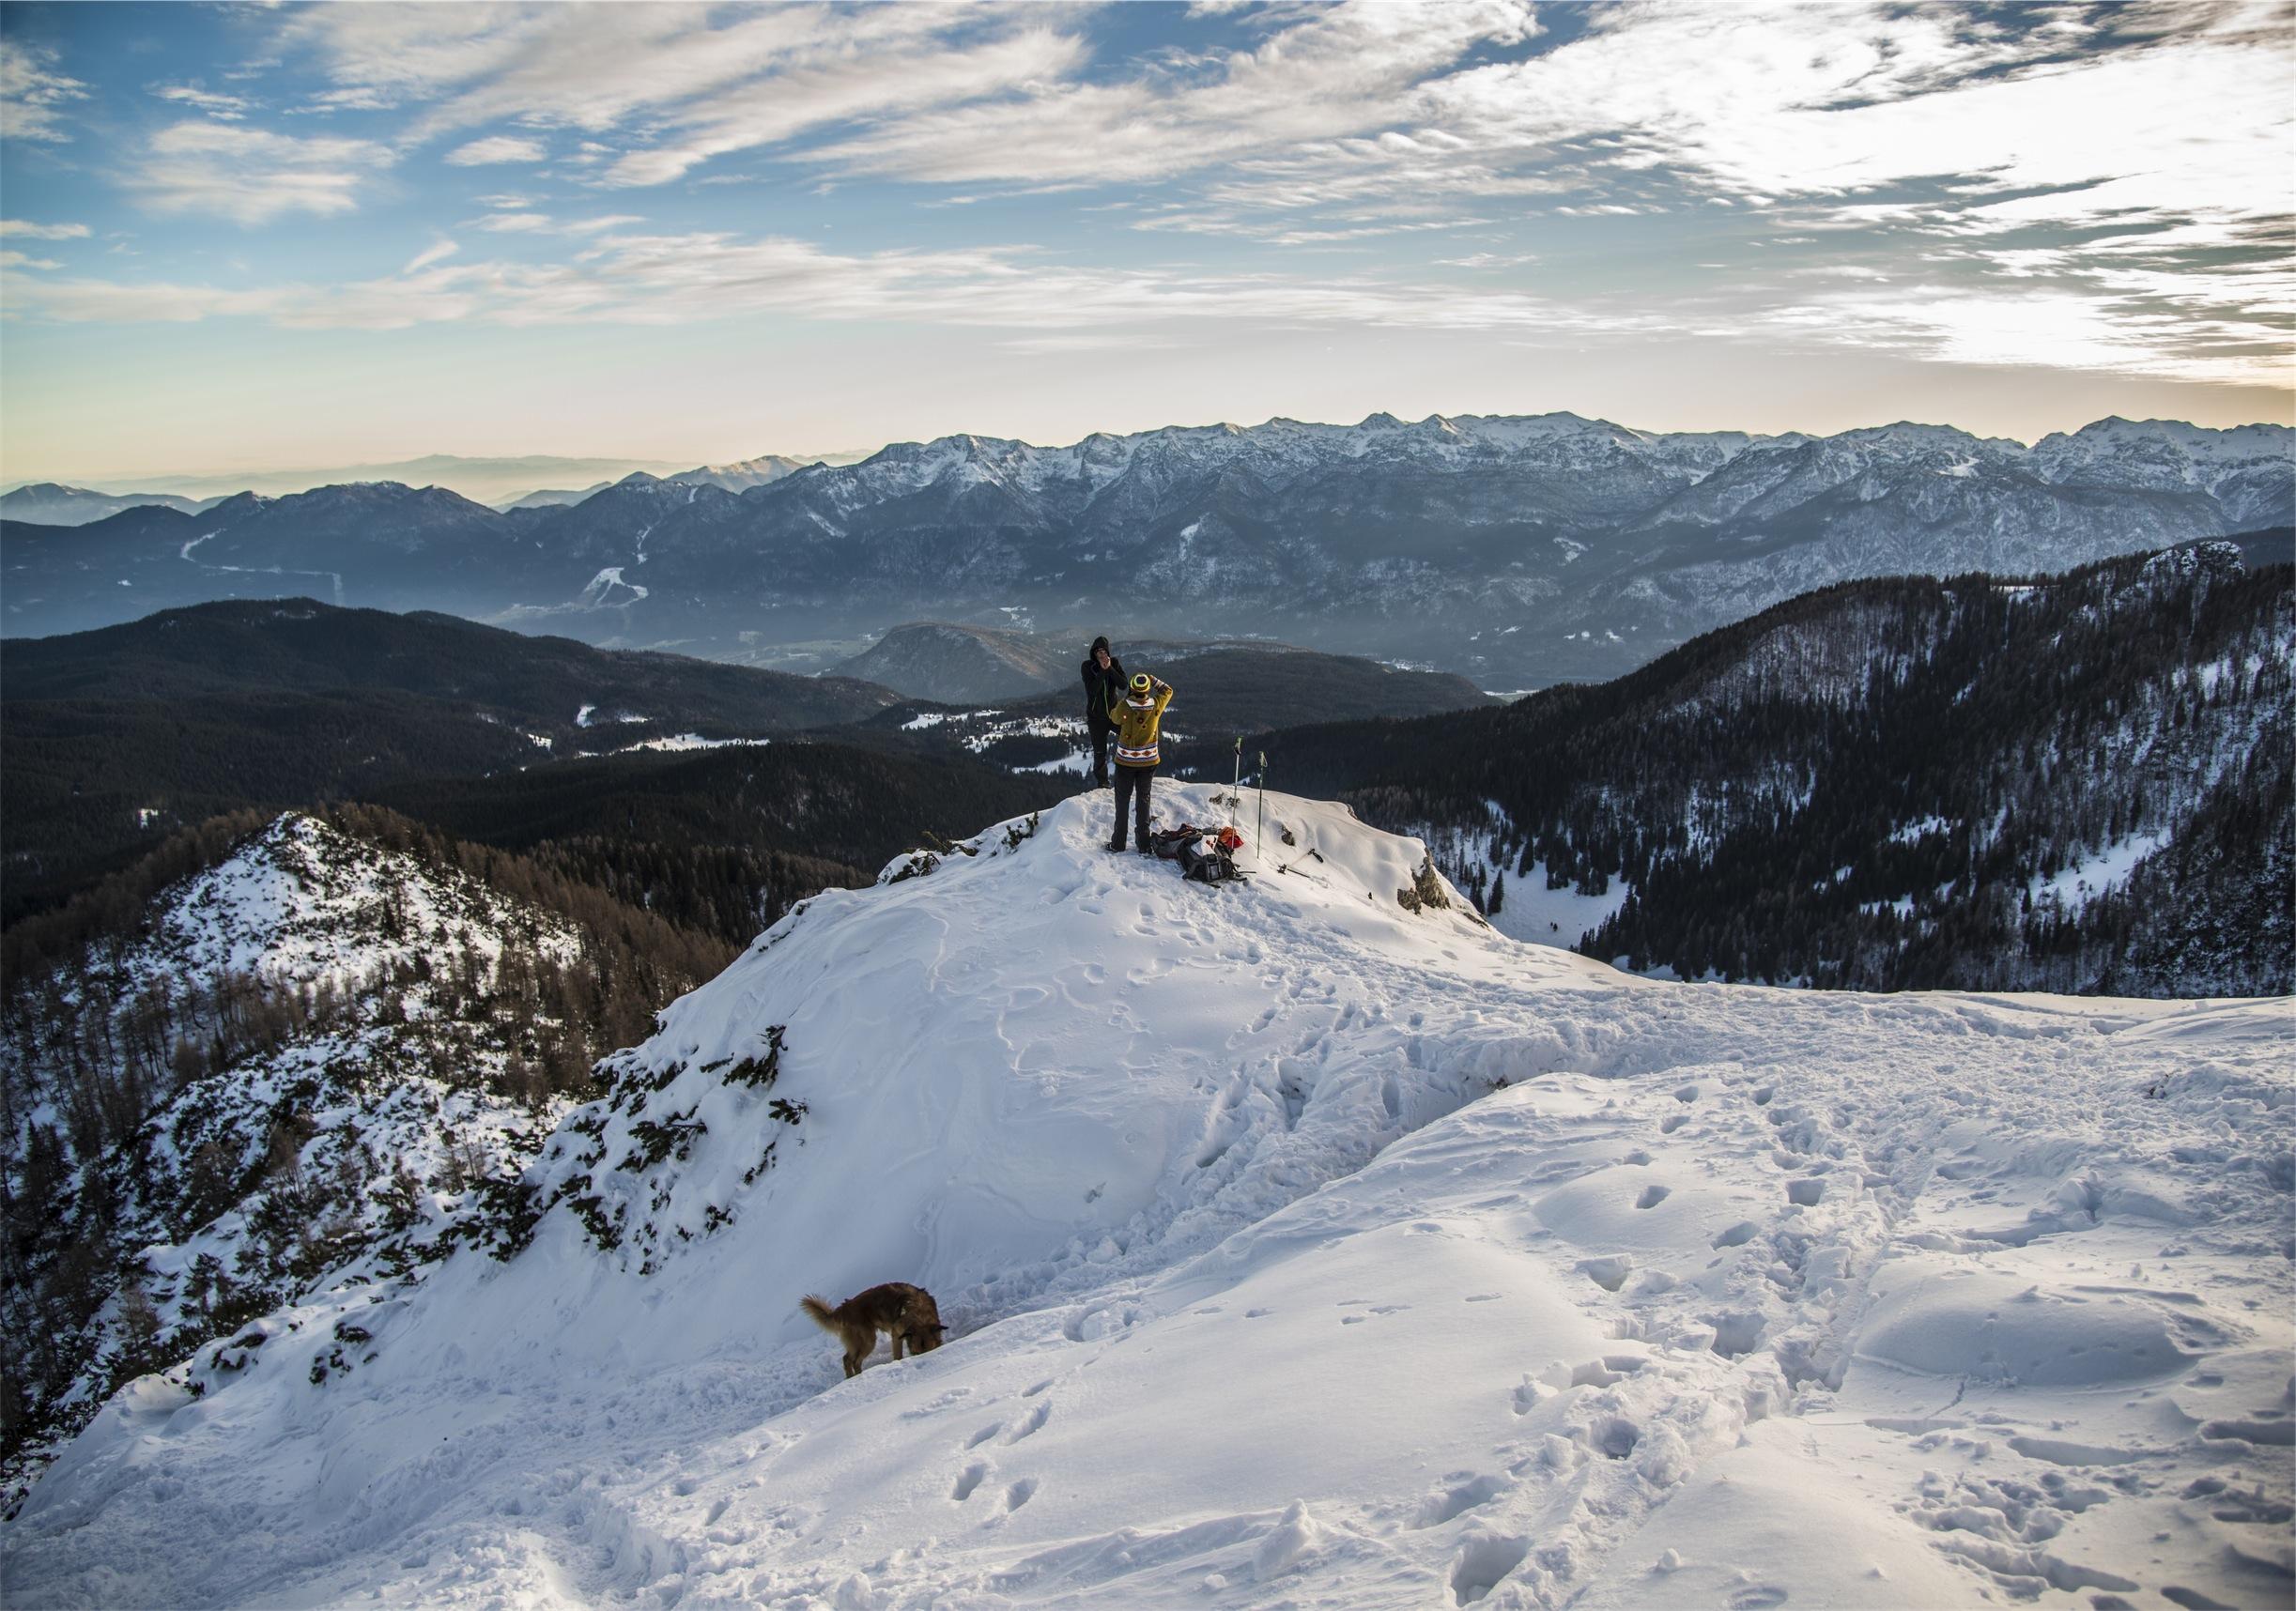 La Generalitat Pierde Nueve Millones Con Sus Cinco Estaciones De Esquí.